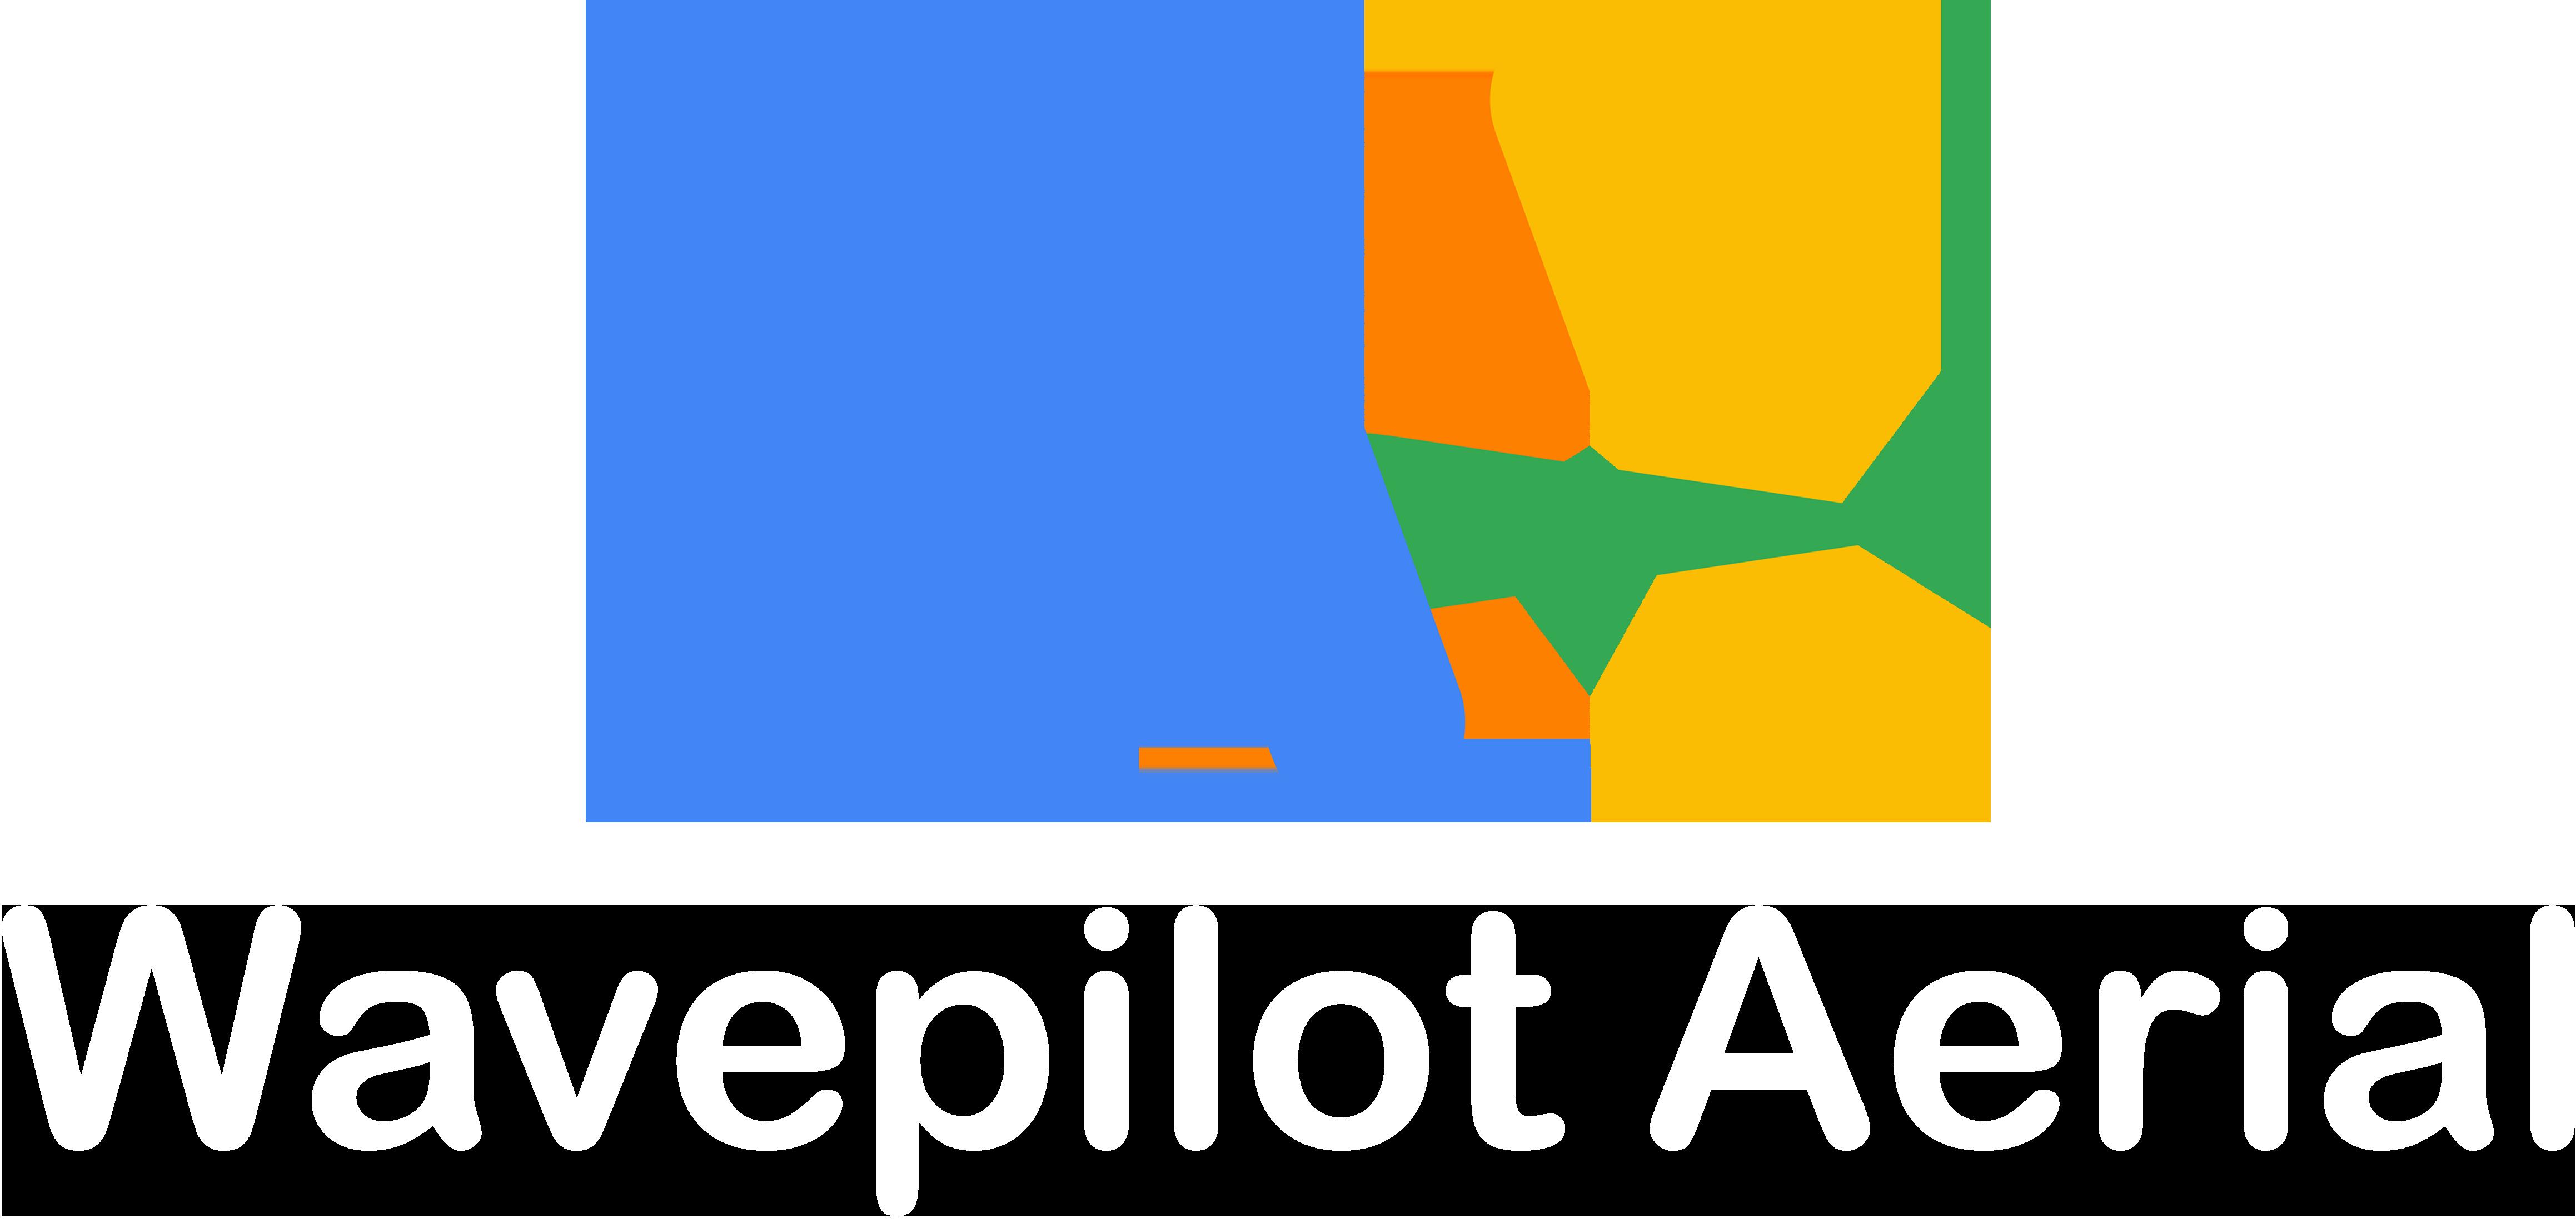 Wavepilot Aerial